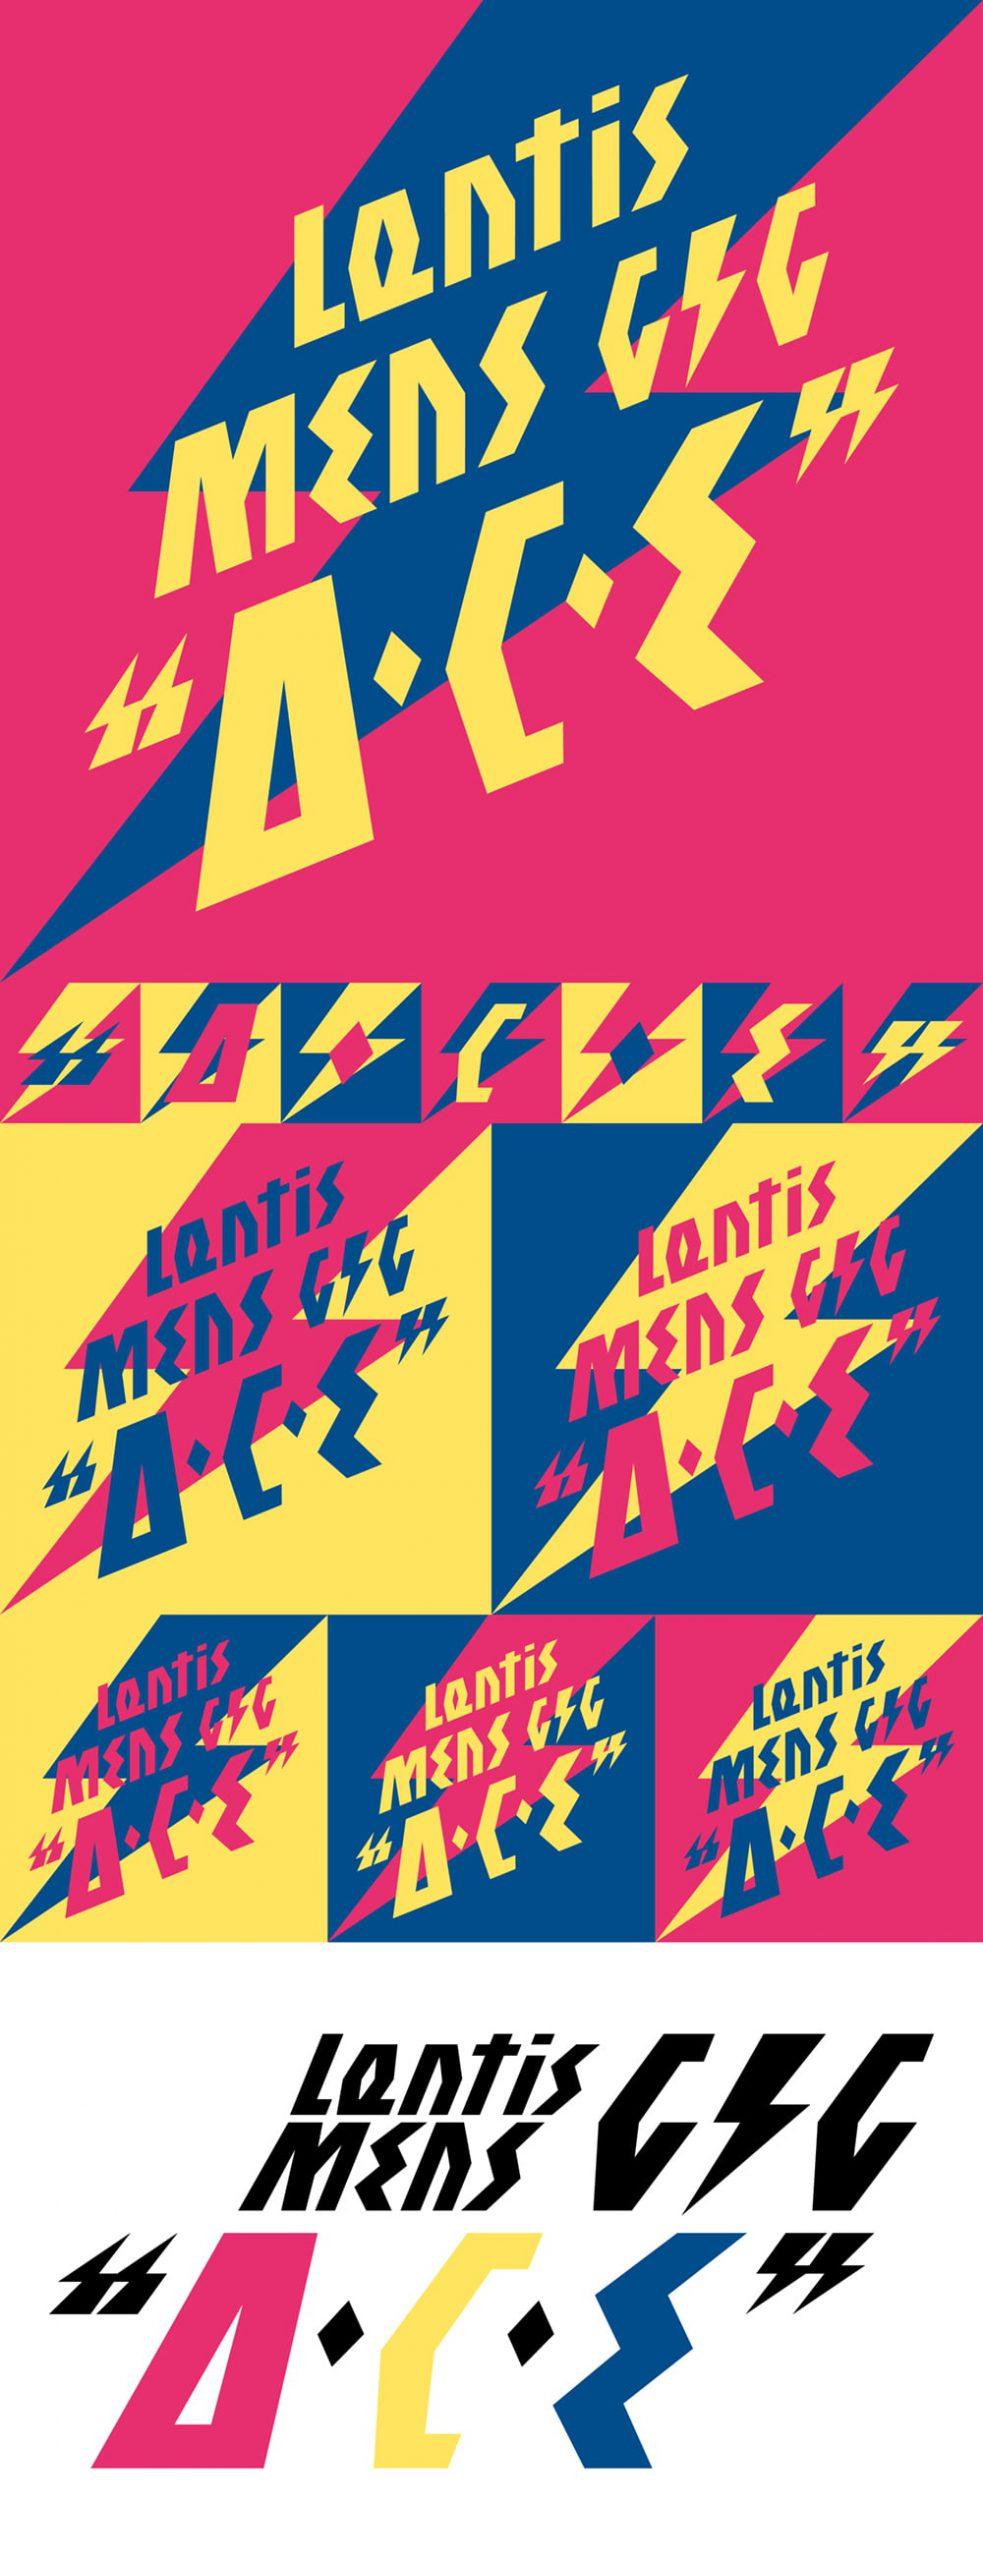 """Lantis / Lantis MENS GIG """"A・C・E"""""""